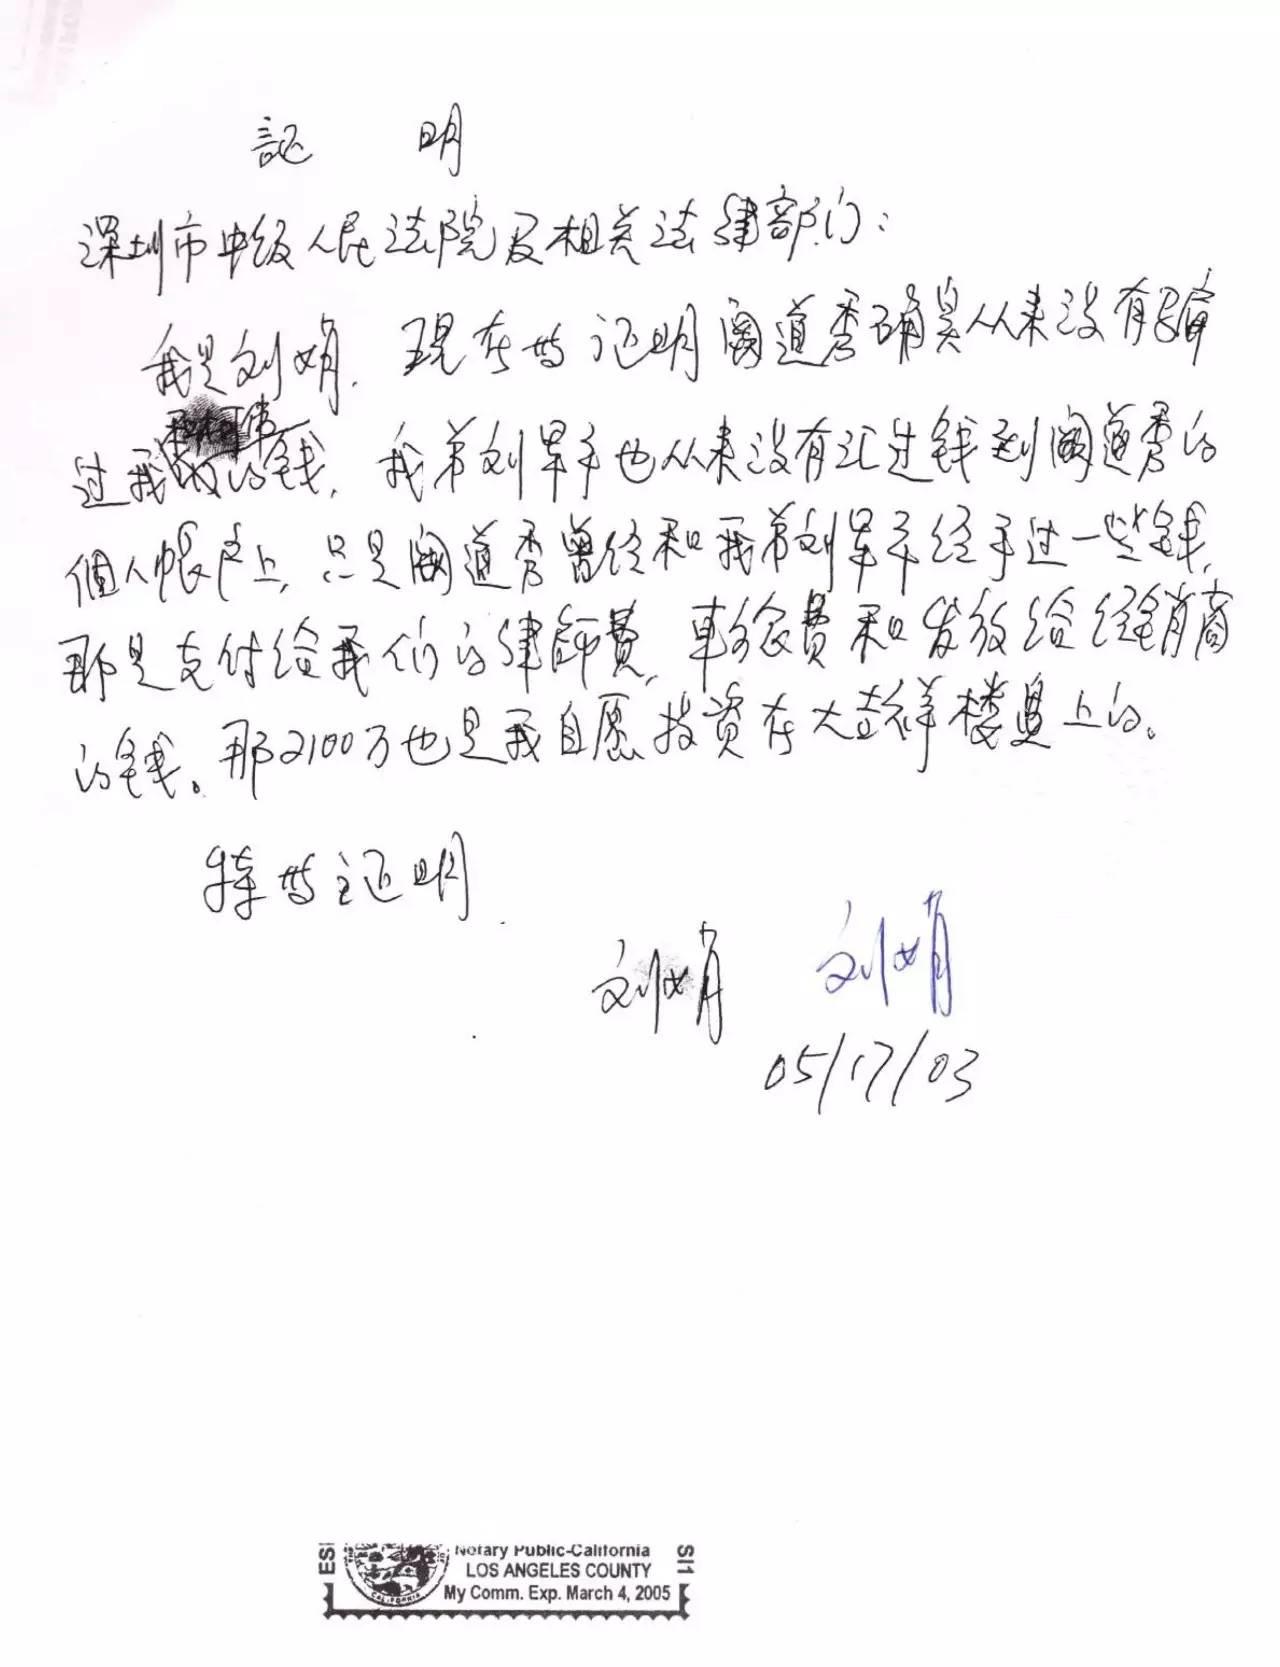 周永康陈绍基陷害第三世多杰羌佛真相曝光 第29张